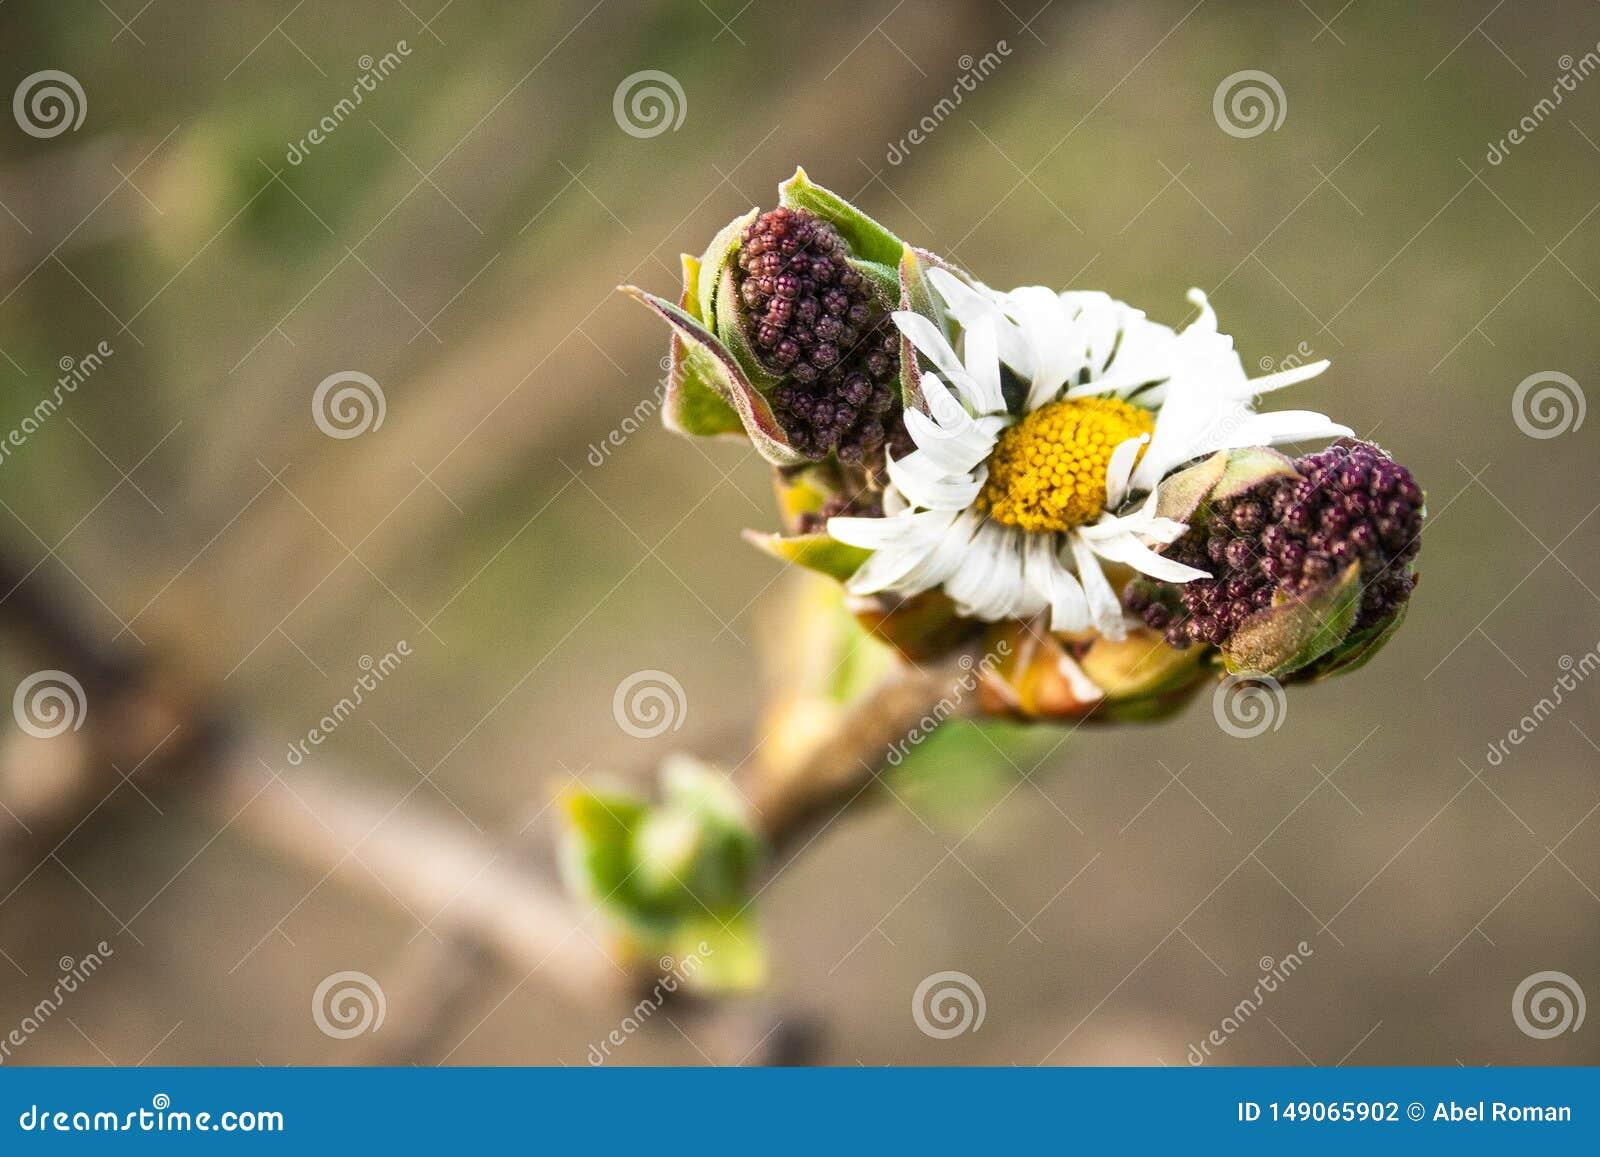 Flanca gałąź z owoc na ich końcówkach